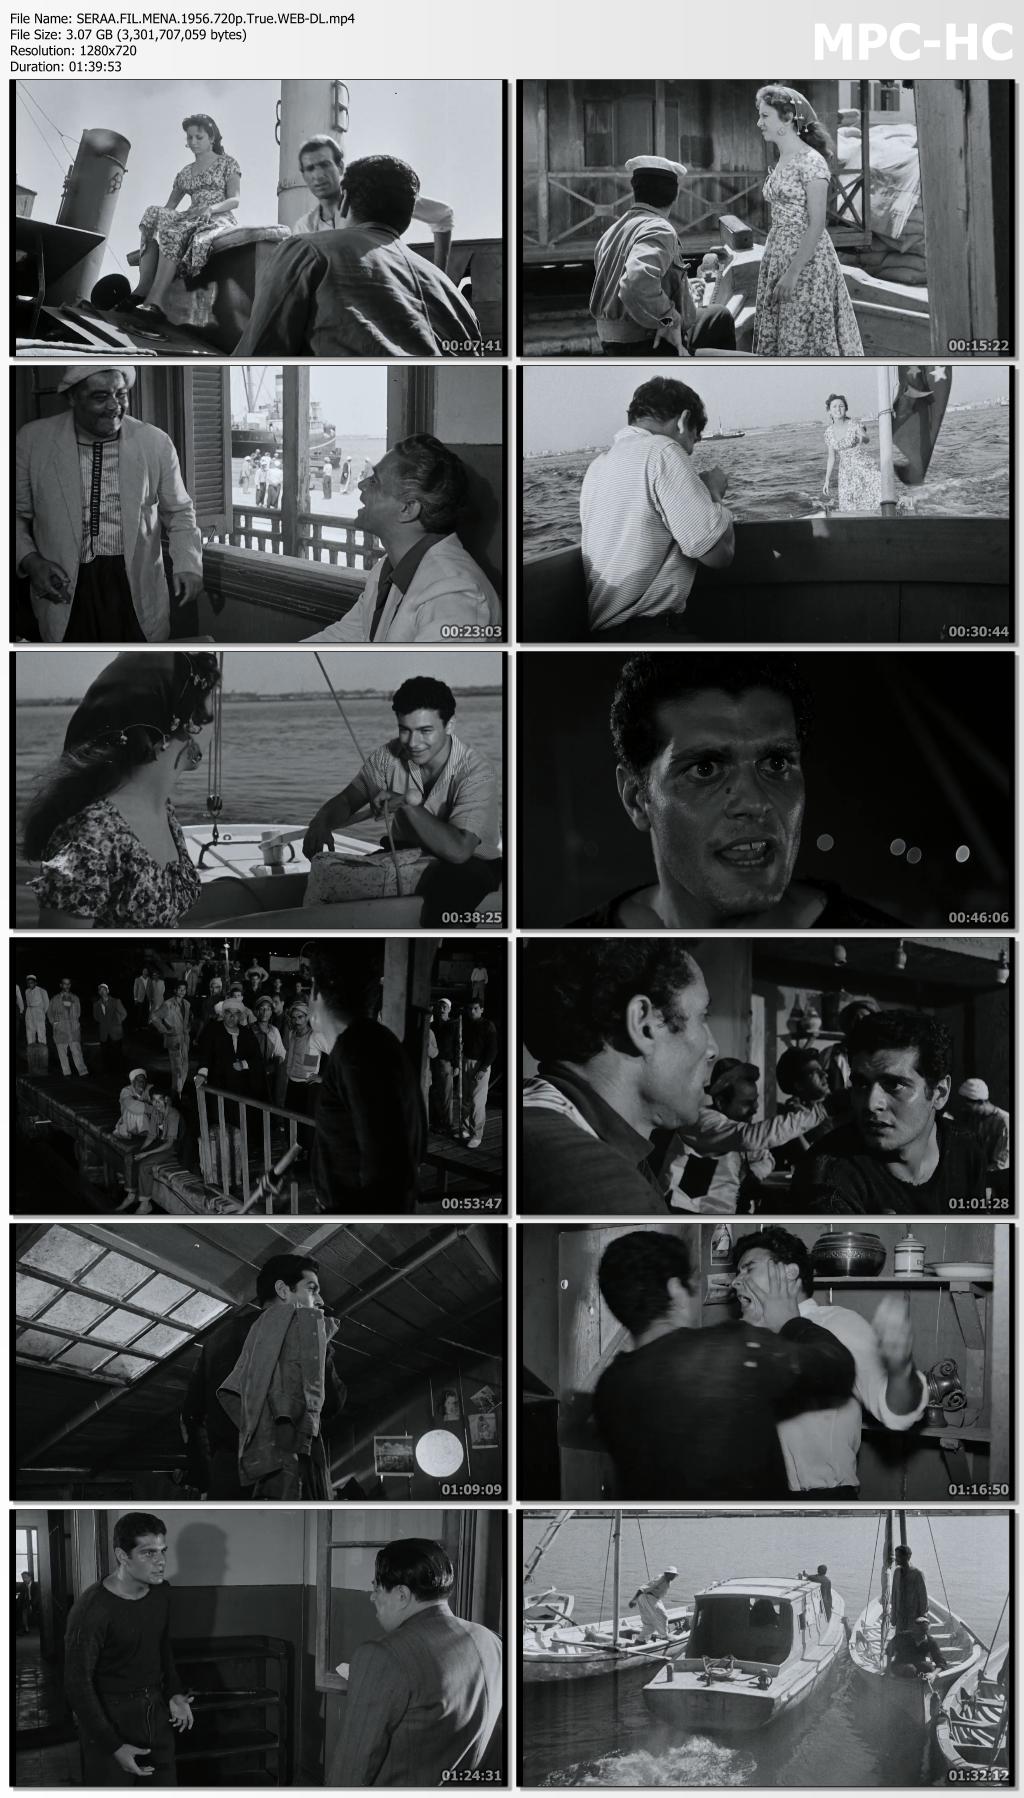 [فيلم][تورنت][تحميل][صراع في الميناء][1956][720p][Web-DL] 4 arabp2p.com